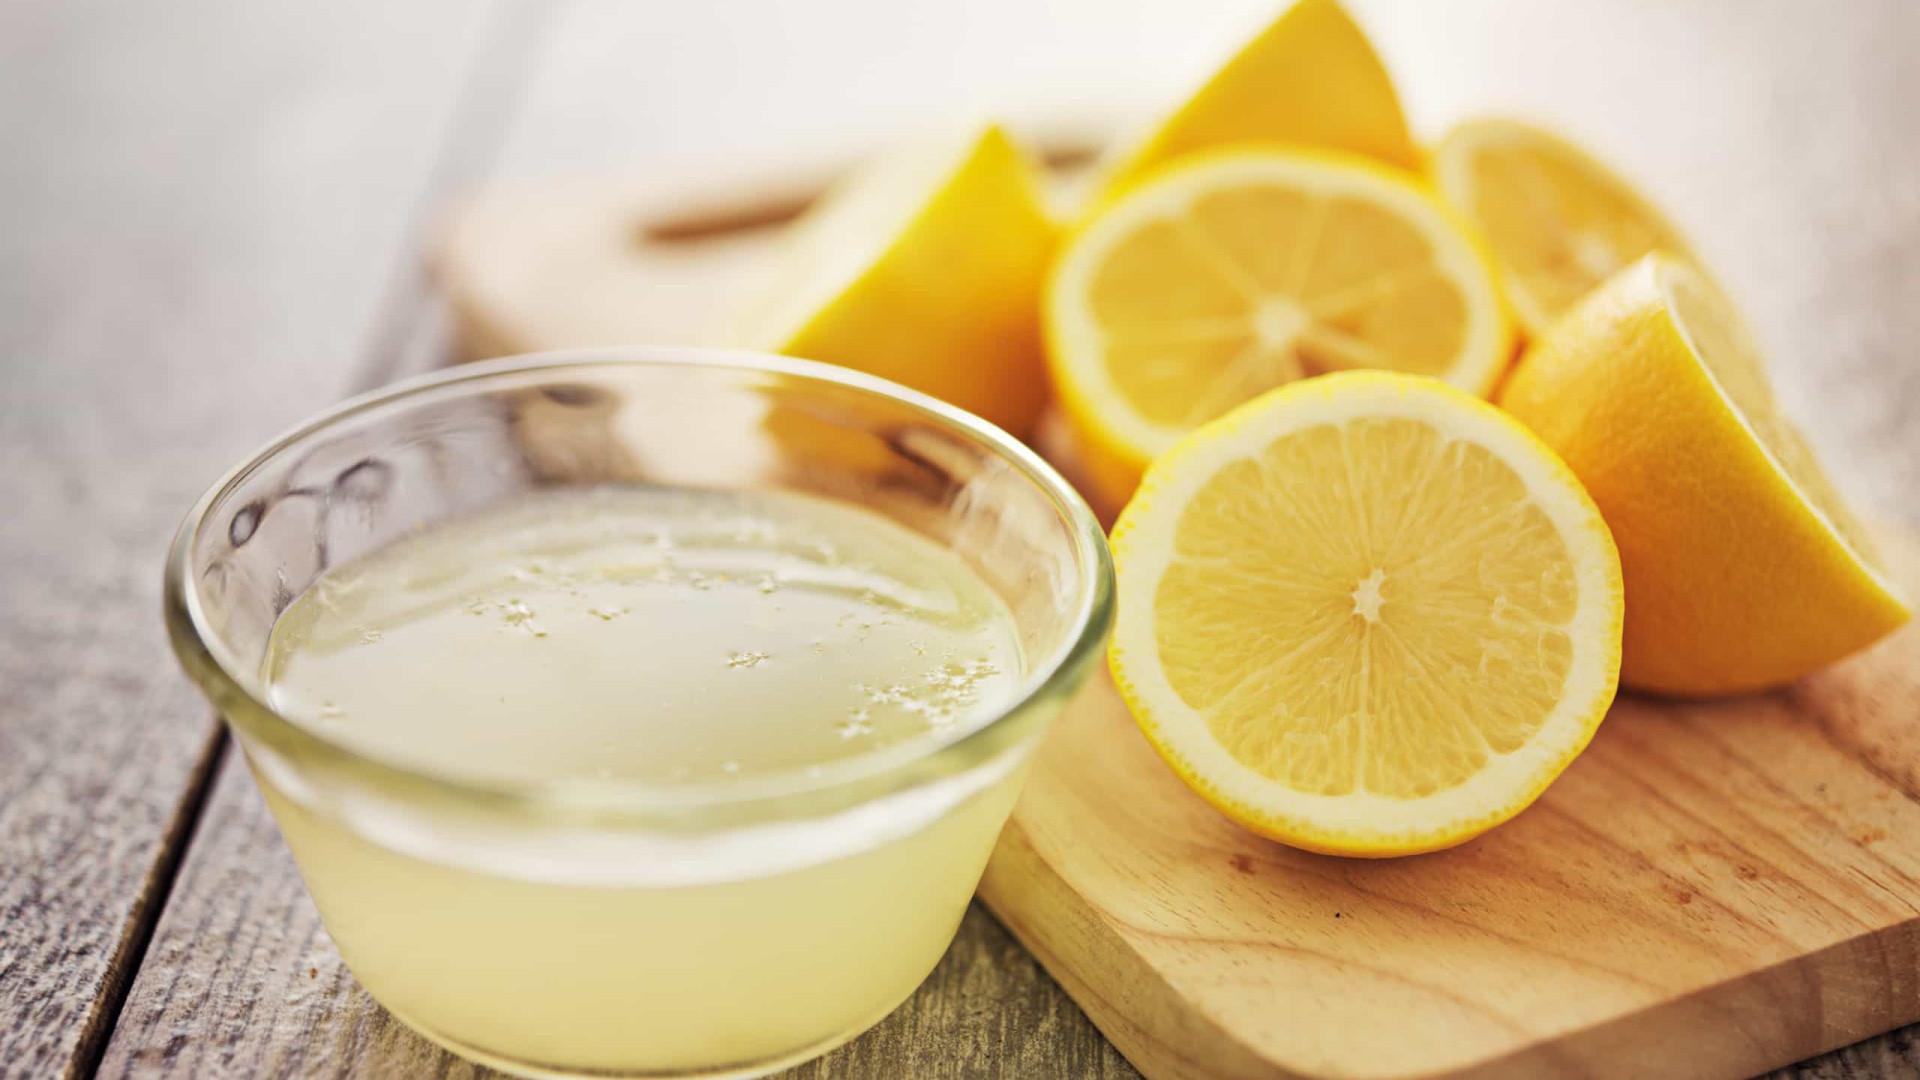 Limão: Fruta baixa em calorias e açúcares que ajuda o sistema imunológico